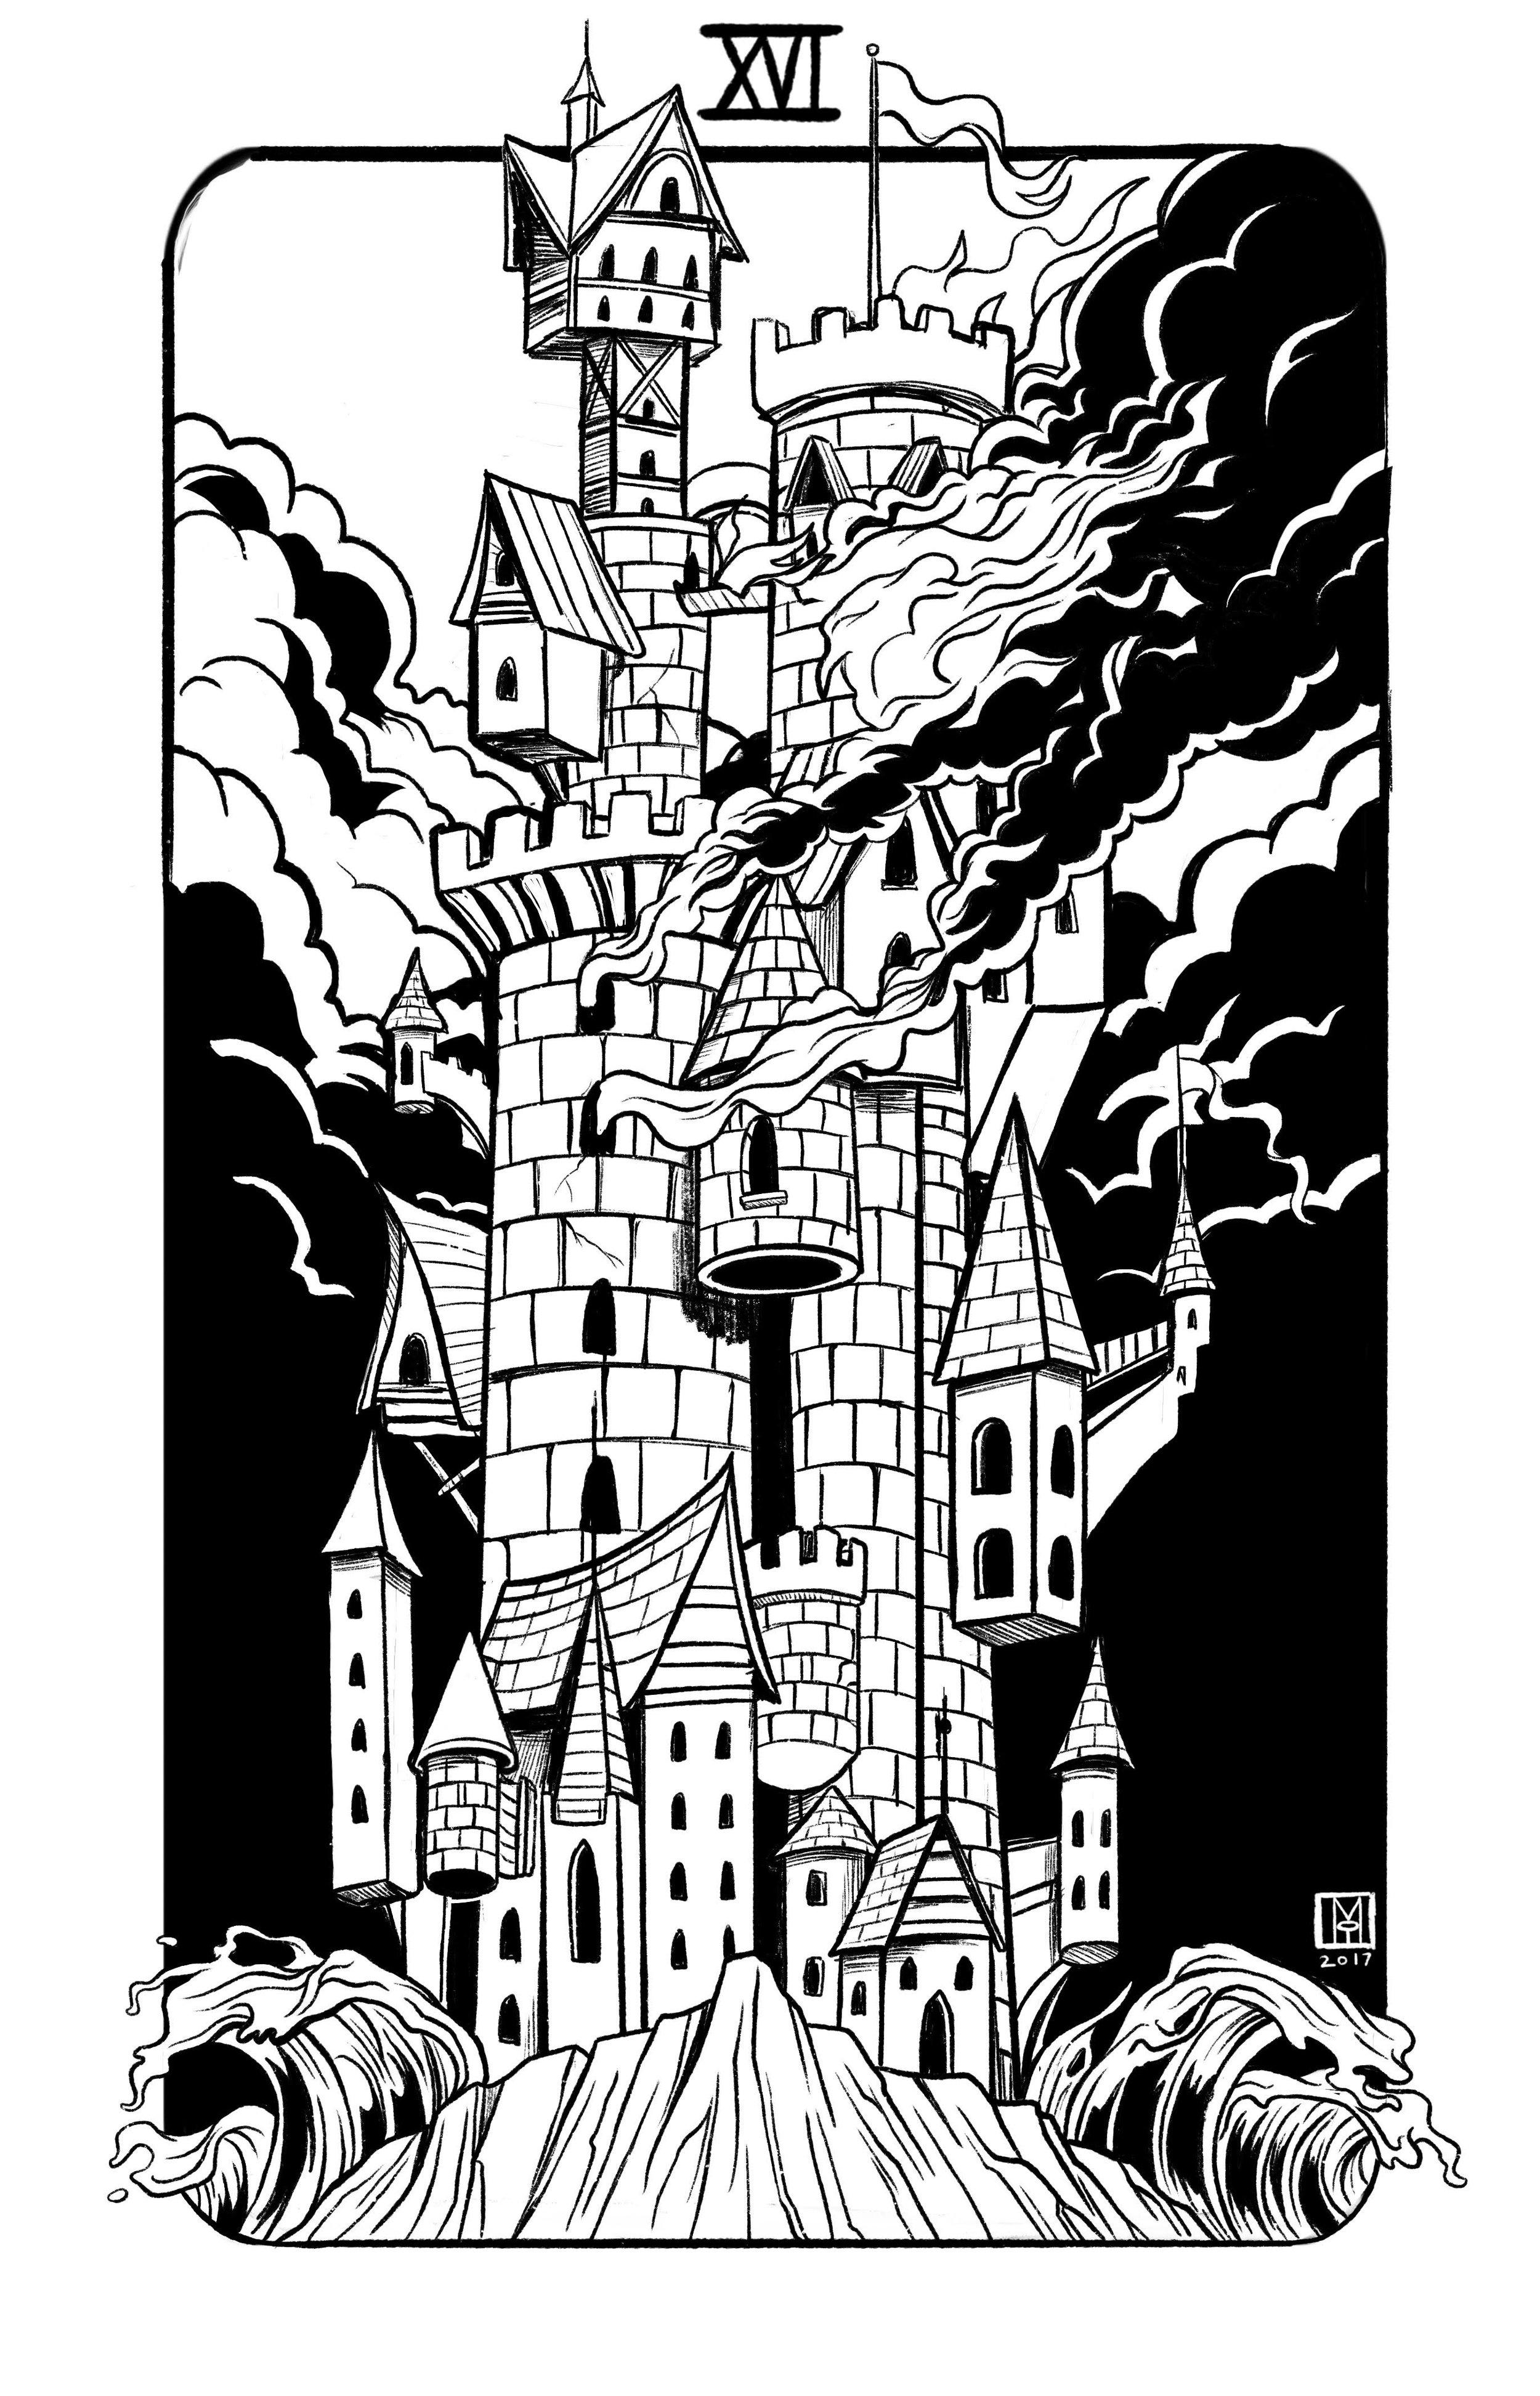 Major Arcana XVI: The Tower